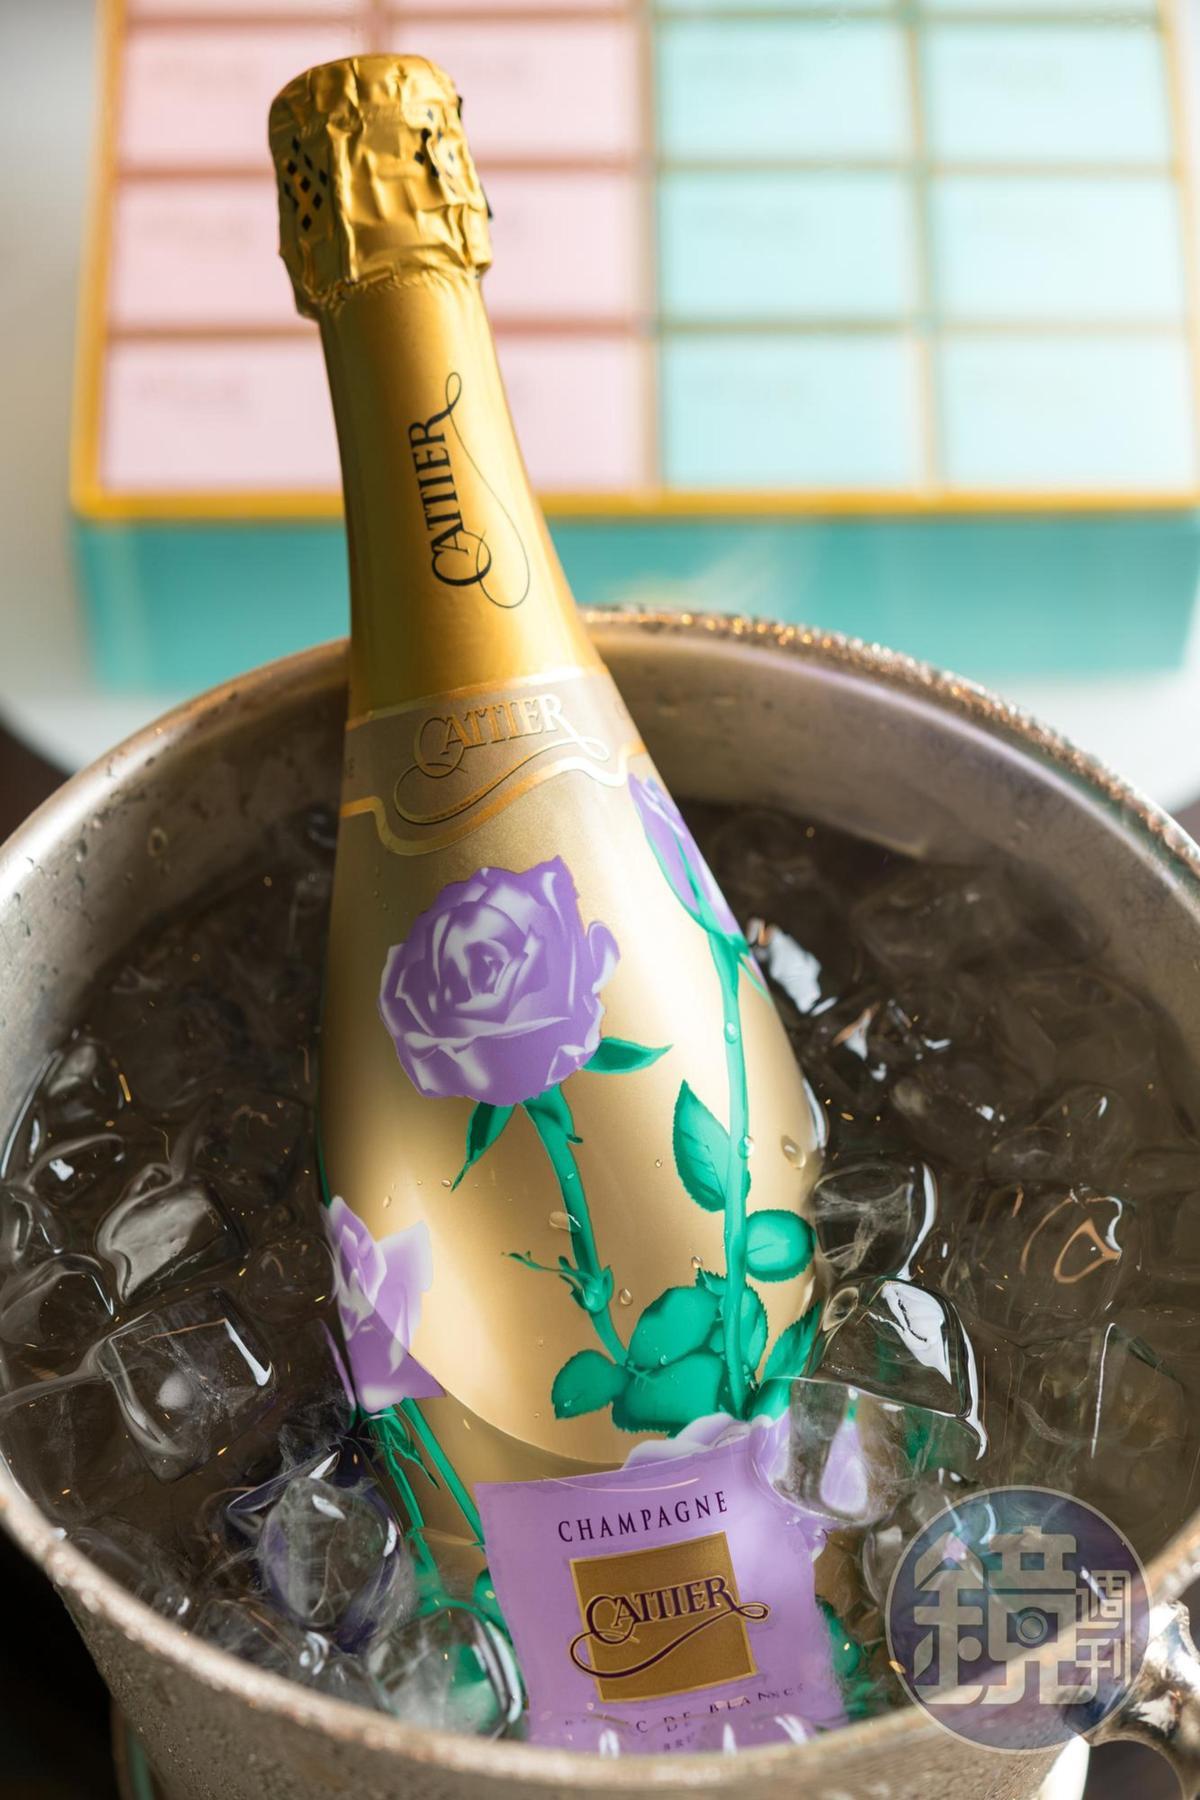 香檳「Cattier, Les Roses, Brut Blanc de Blancs」有檸檬、蜂蜜及熱情的熱帶水果香氣,酒體飽滿。(亞舍,3,800元/瓶)。